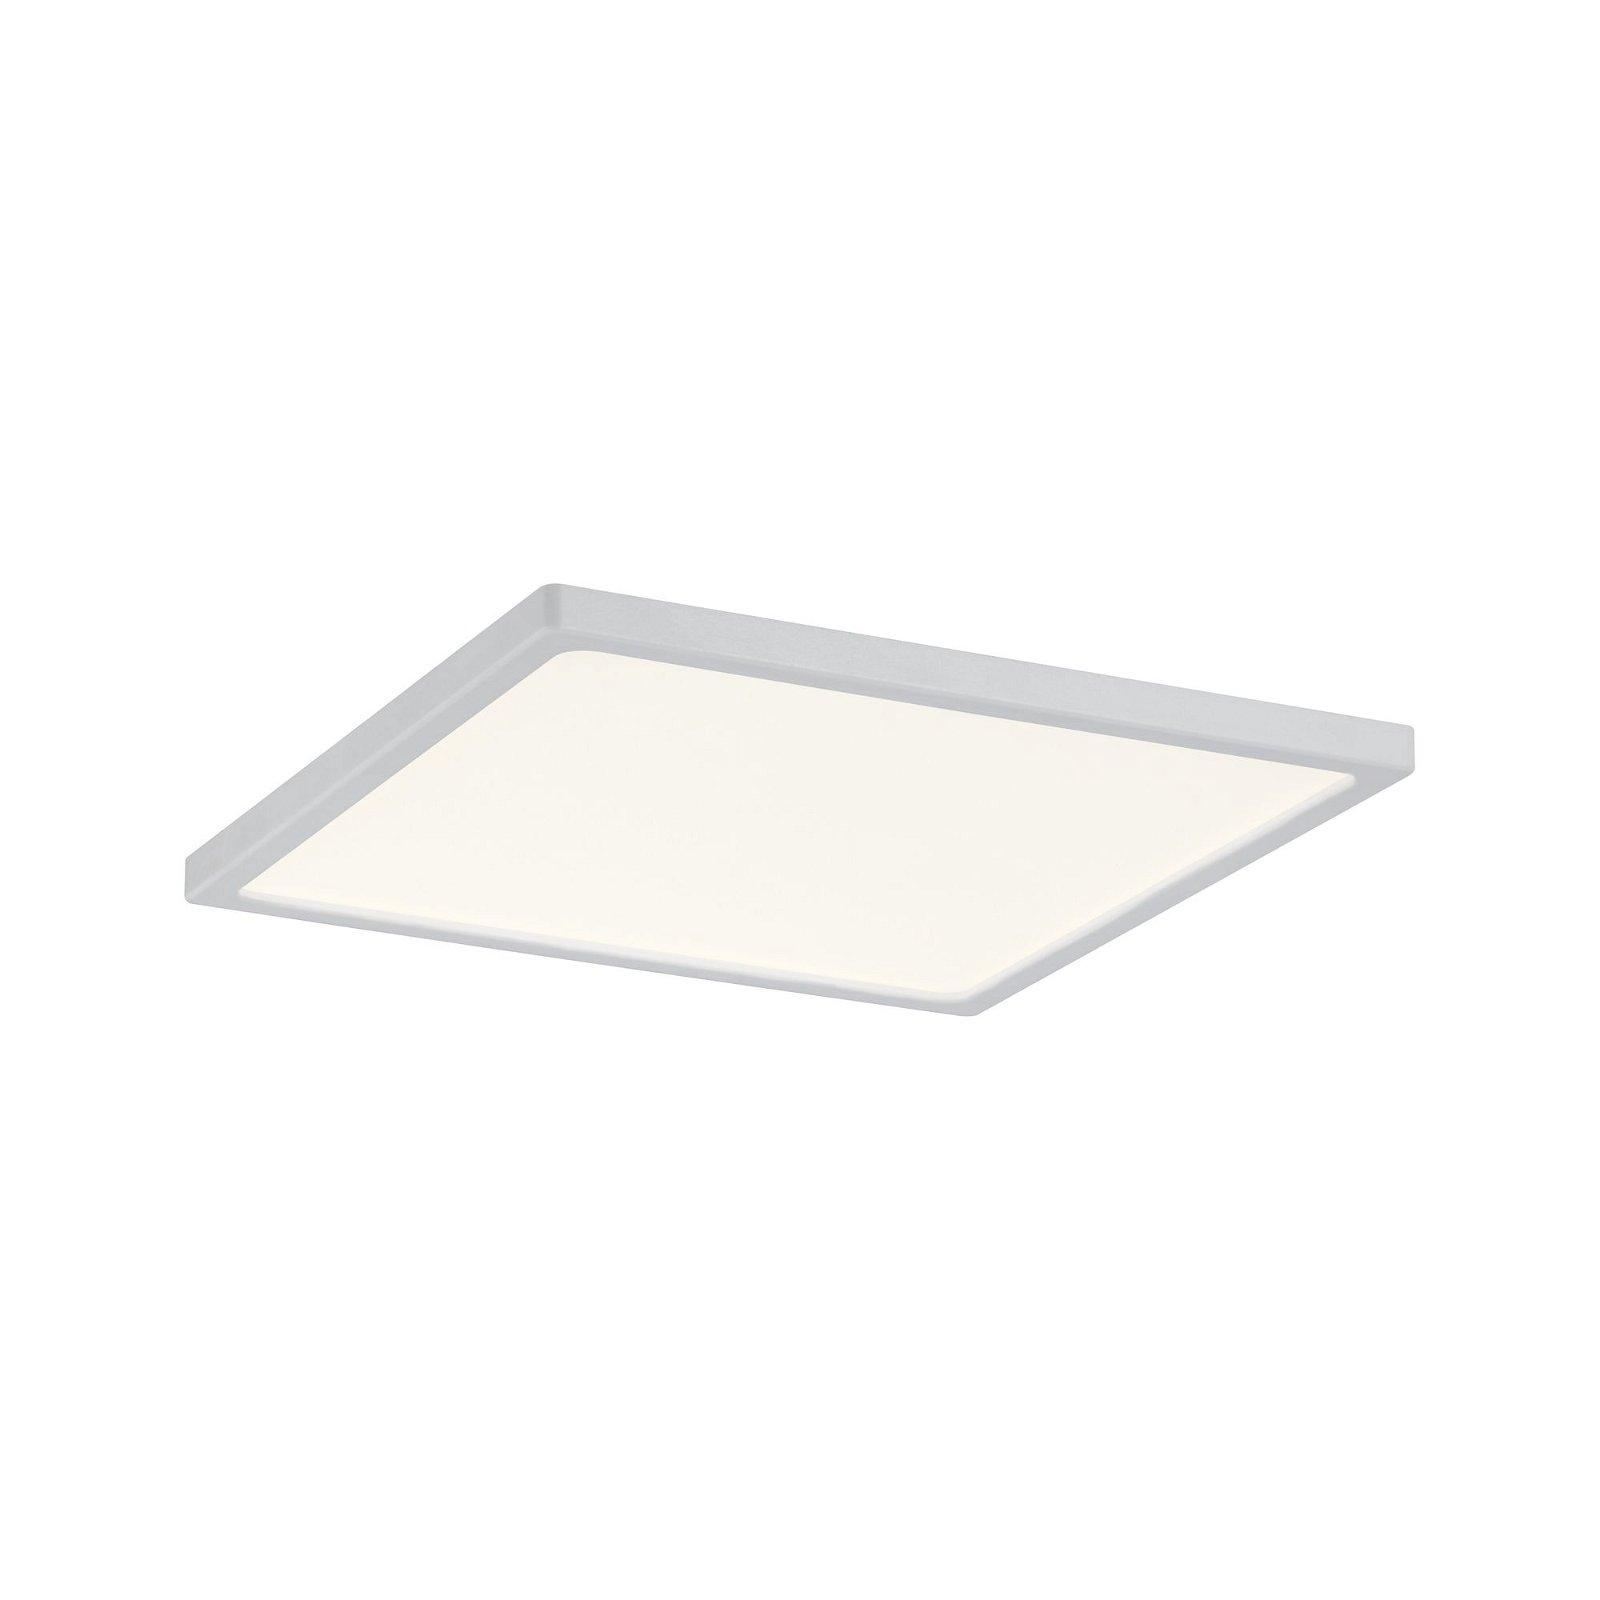 LED Einbaupanel Areo IP44 eckig 180x180mm 1300lm 3000K Weiß matt